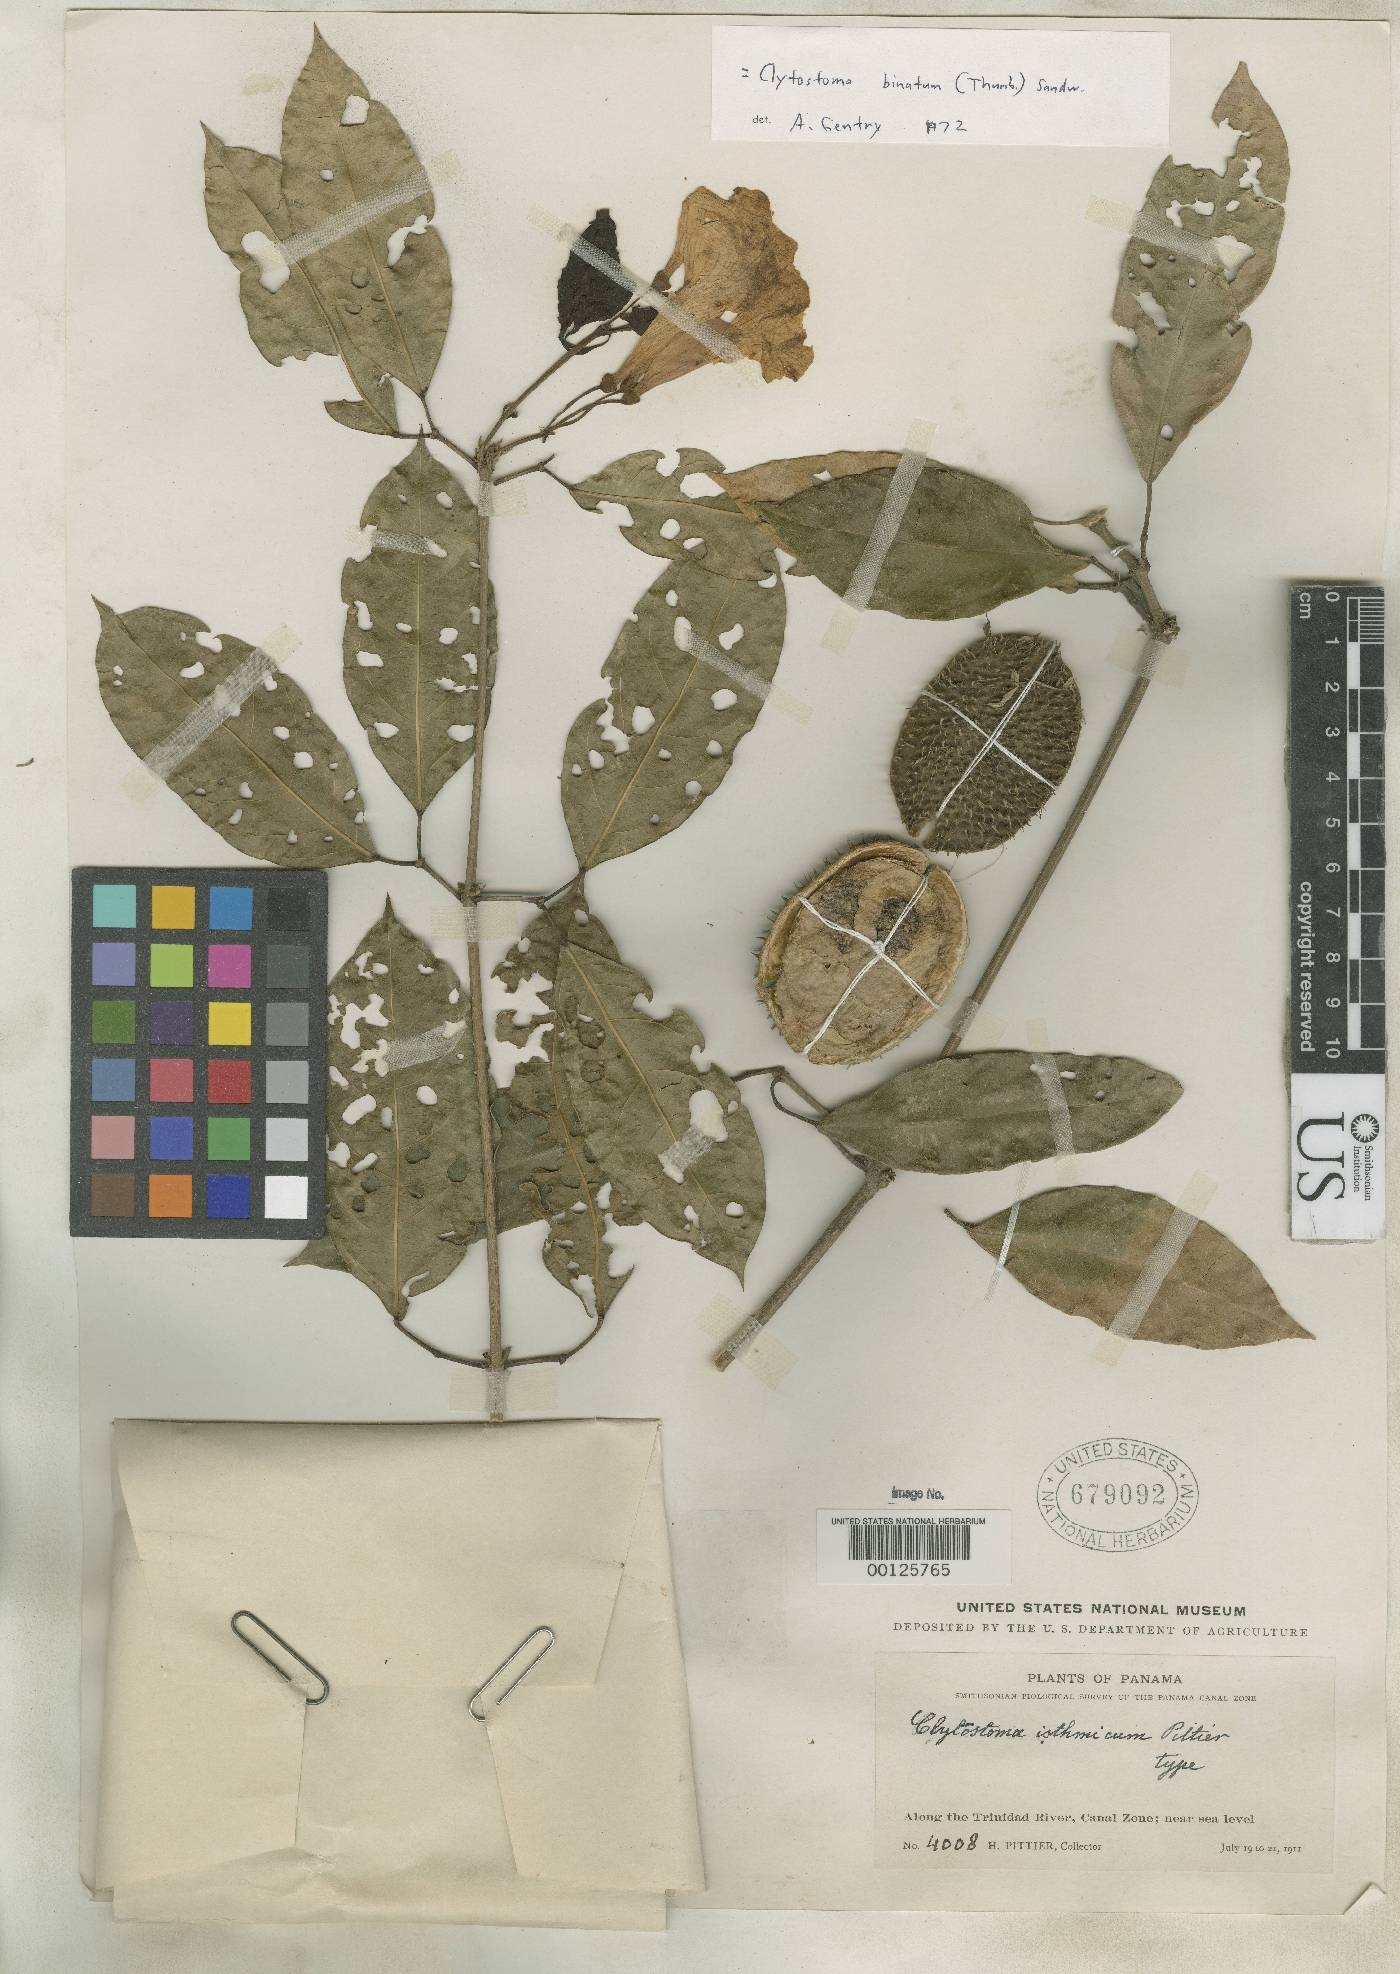 Bignonia binata image